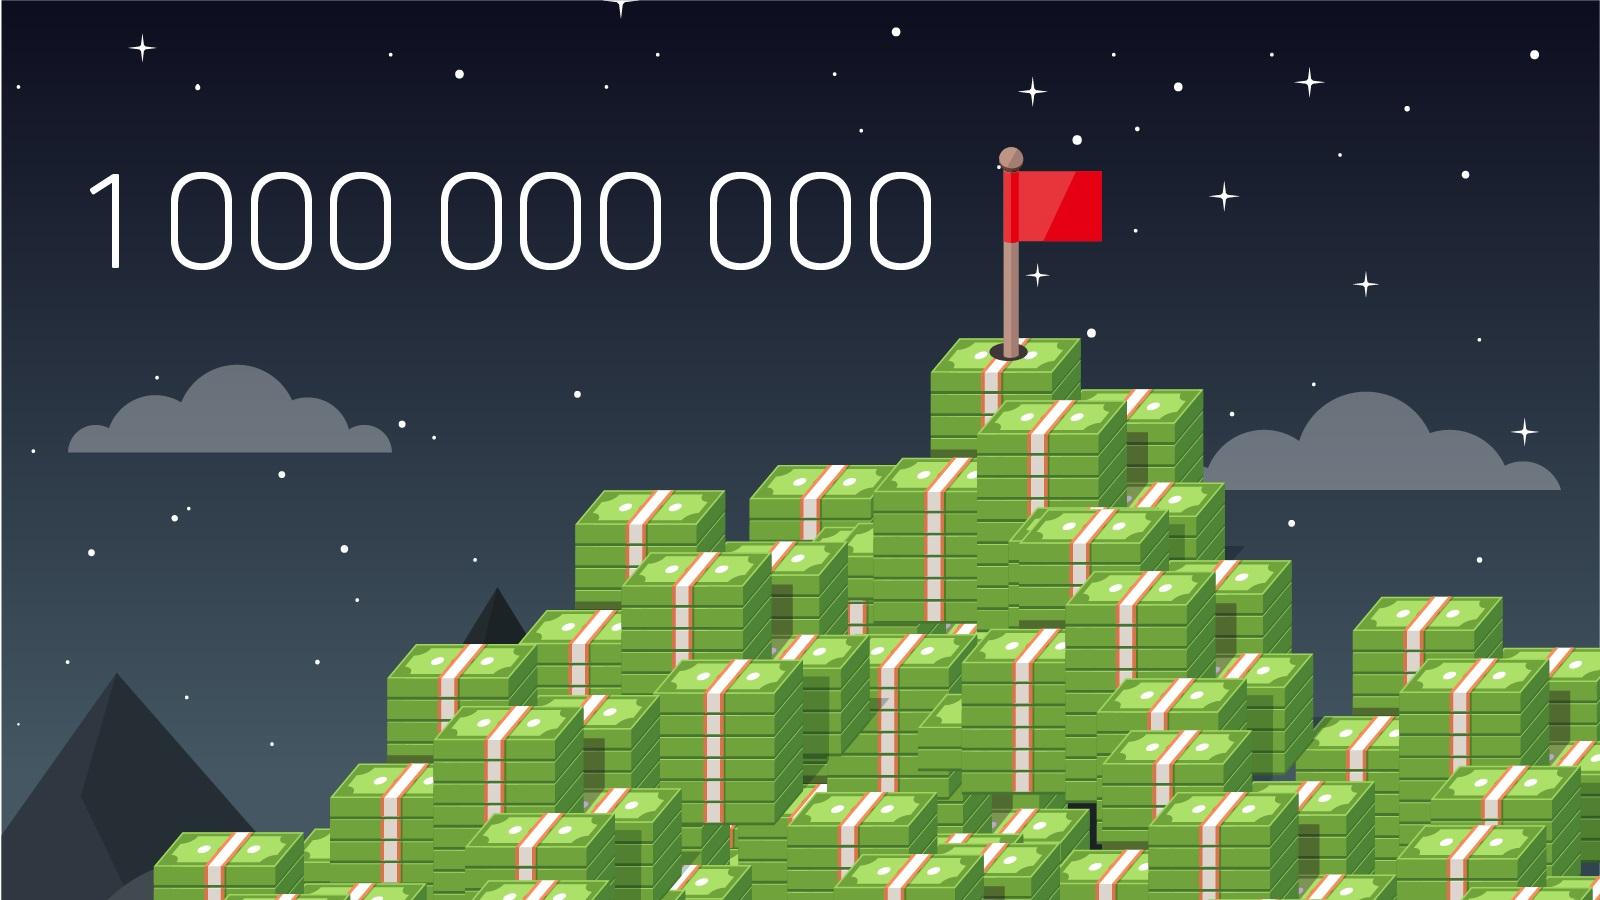 1 billion คืออะไร มาทำความรู้จักกับหน่วย billion กัน